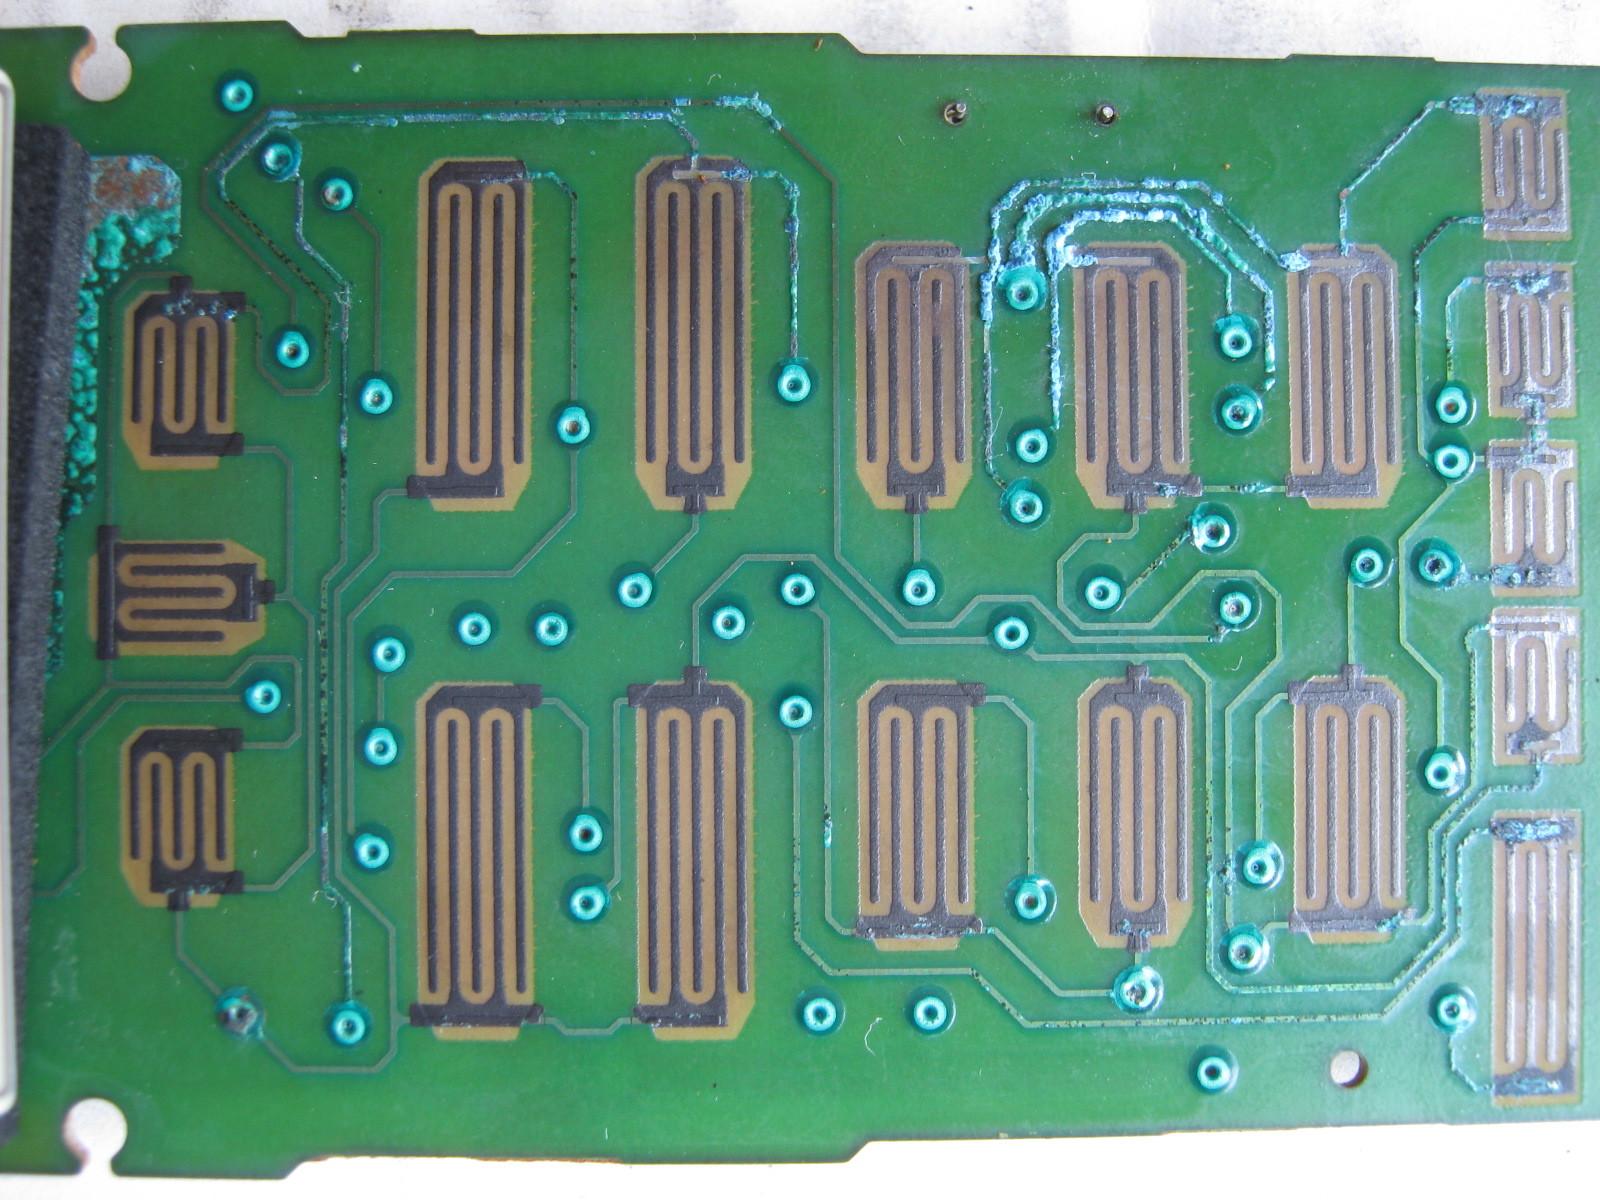 エアコンのリモコン元基板配線パターン裏